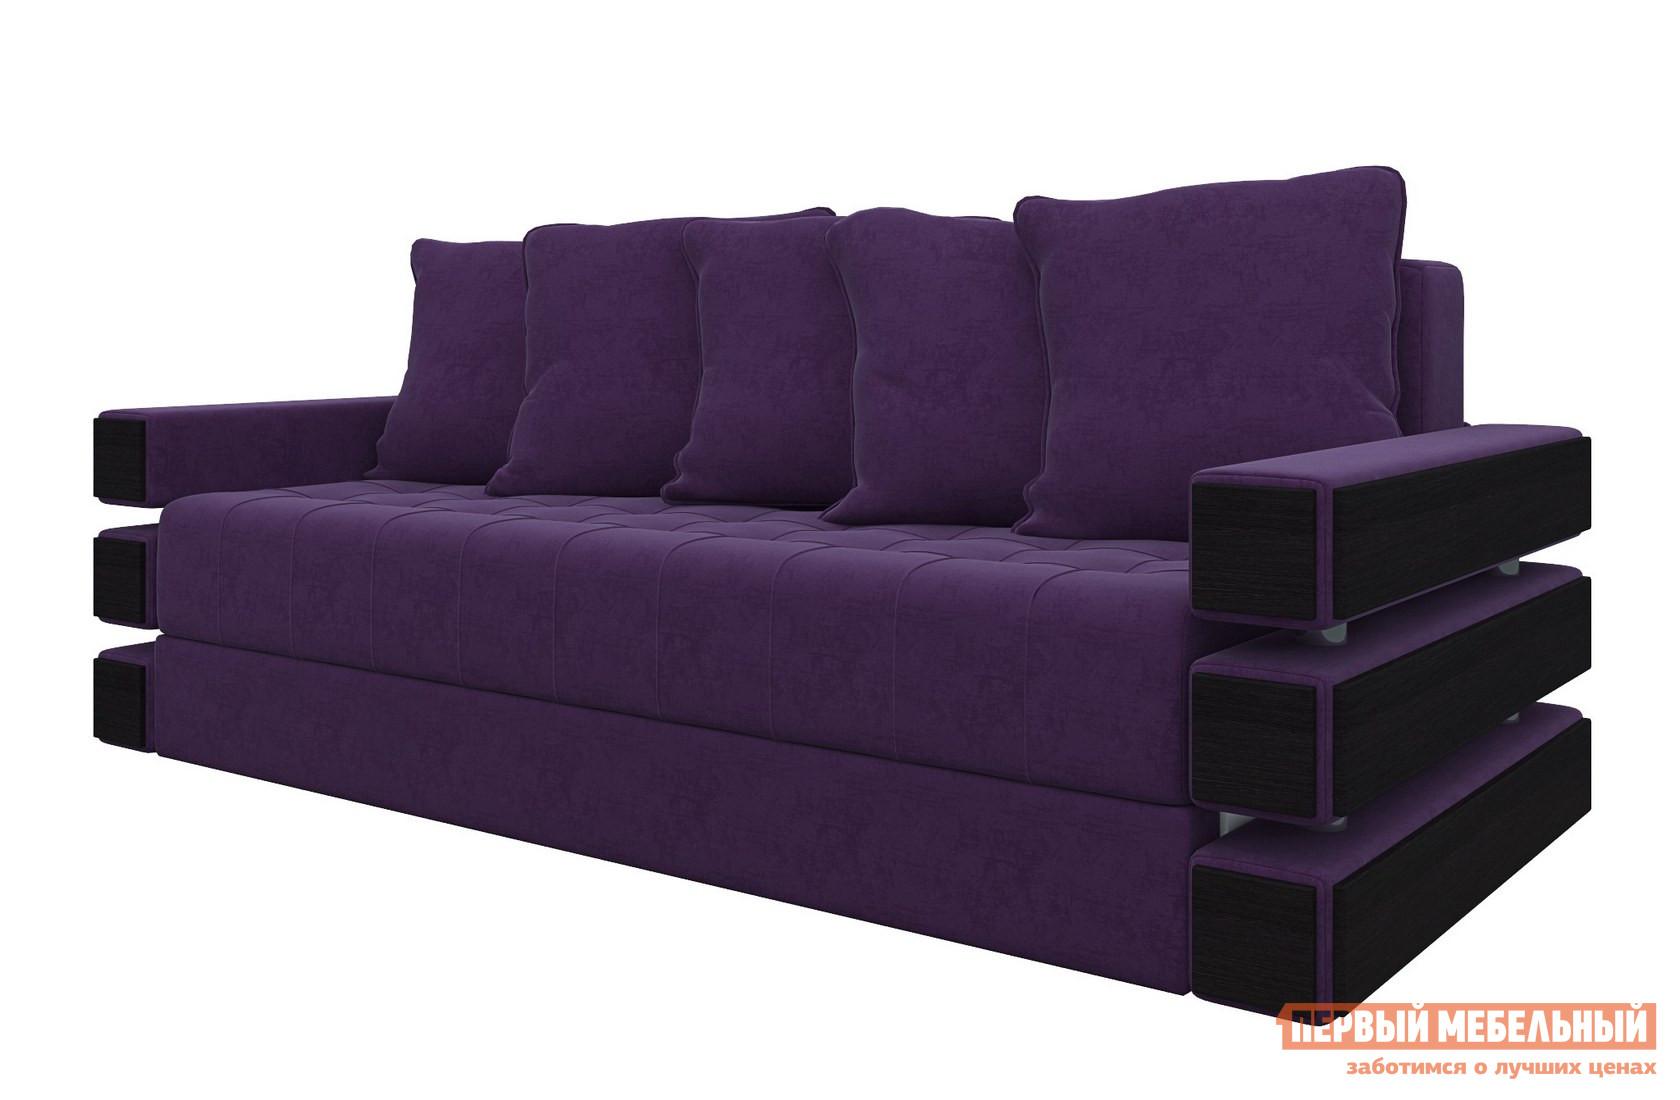 Фото Диван Мебелико Диван-еврокнижка Венеция Фиолетовый микровельвет. Купить с доставкой